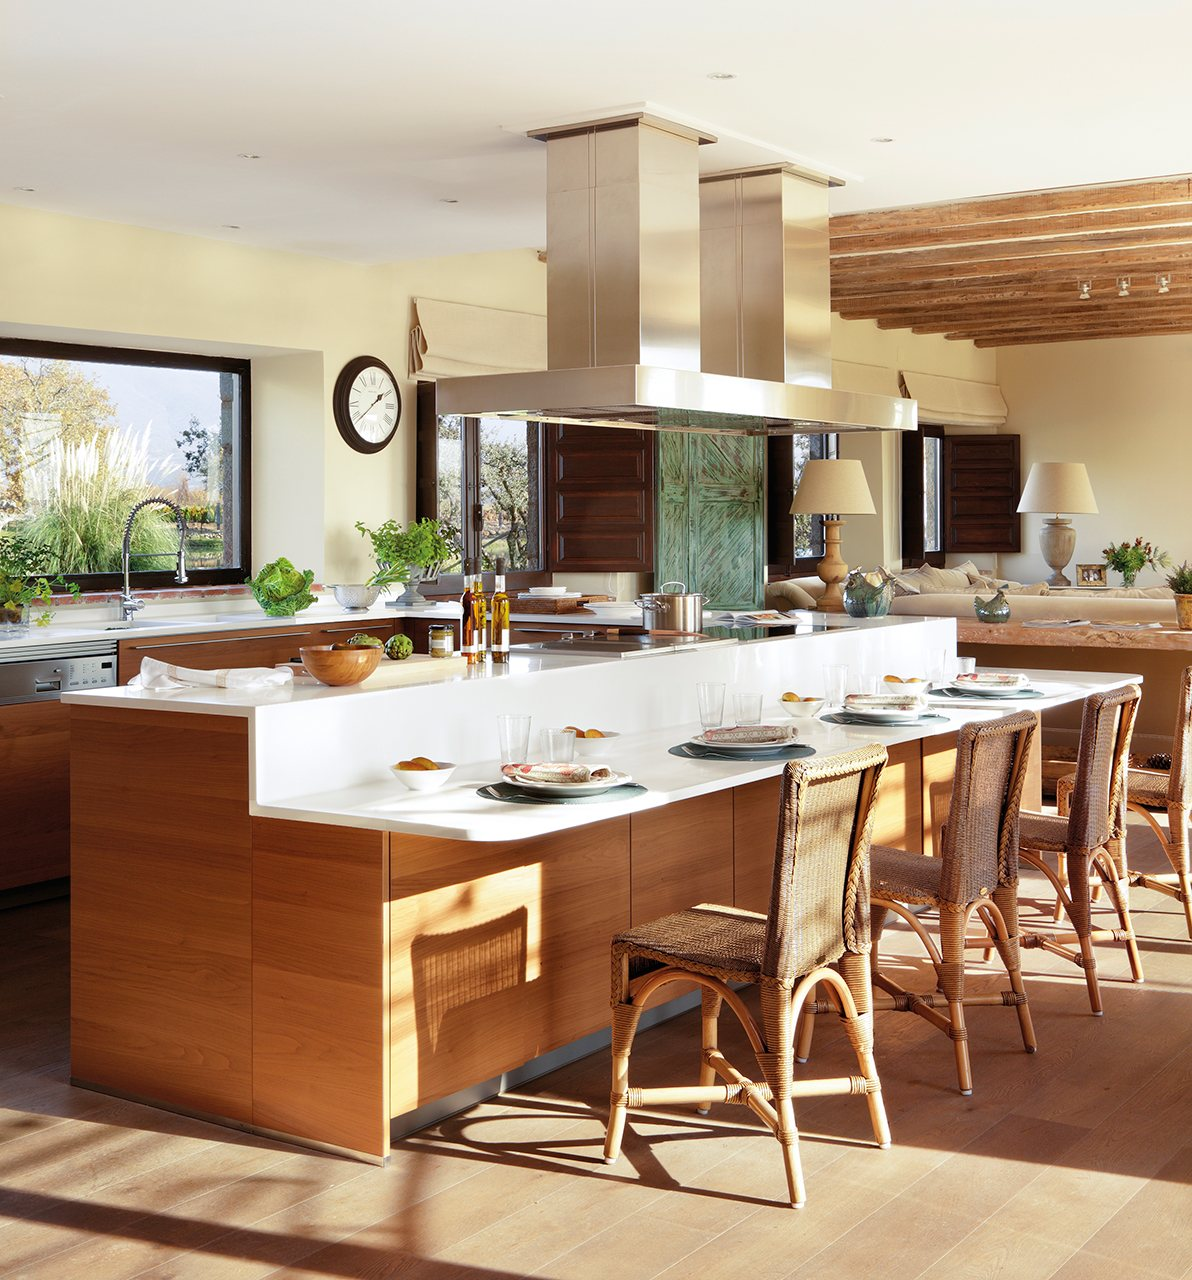 una cocina abierta para reunir a familia y amigos